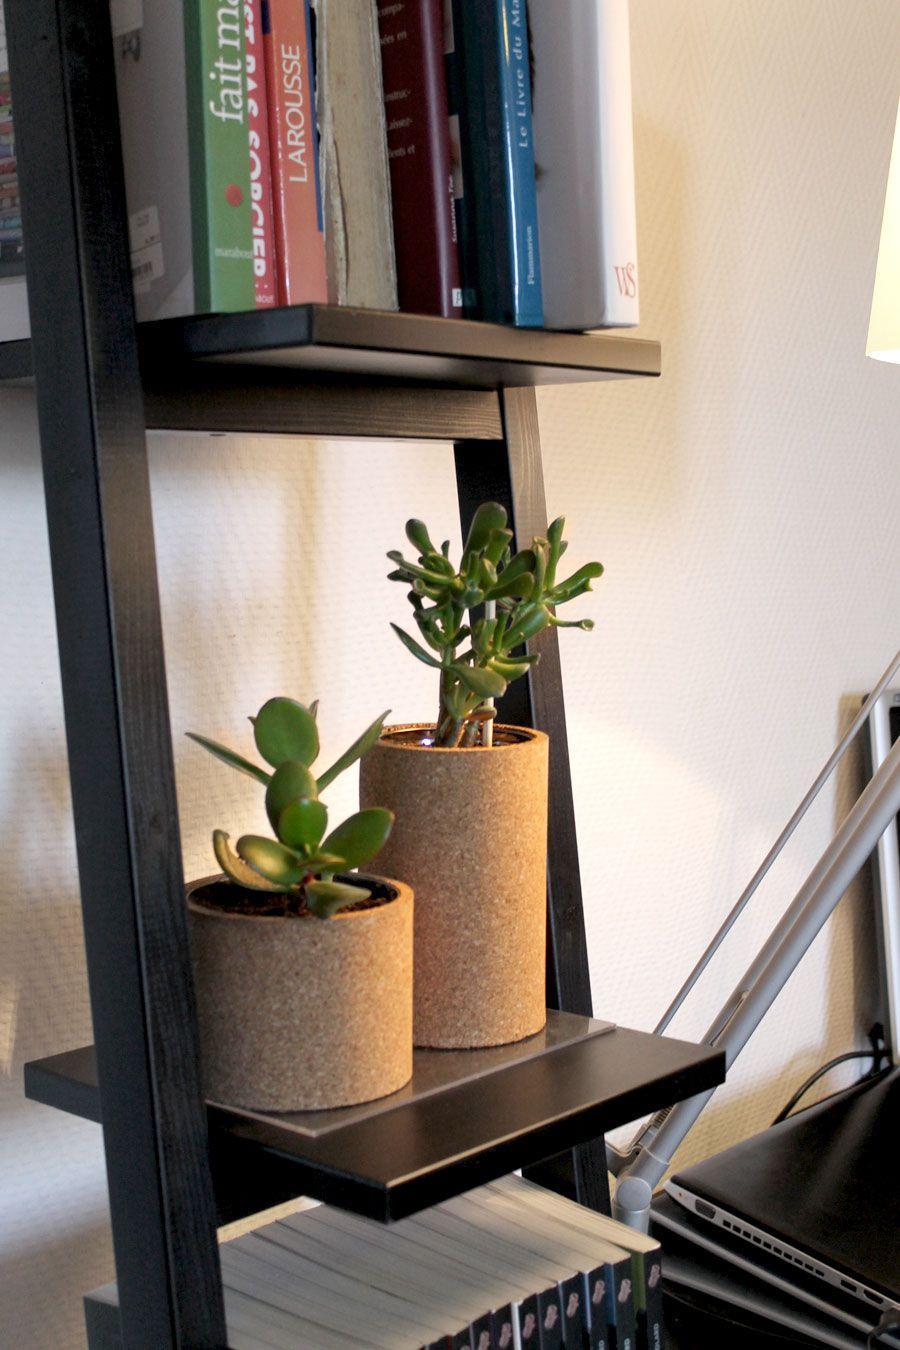 Des Pots De Fleurs En Liege Des Idees Deco Pour Utiliser Le Liege Deco Pot De Fleurs Liege